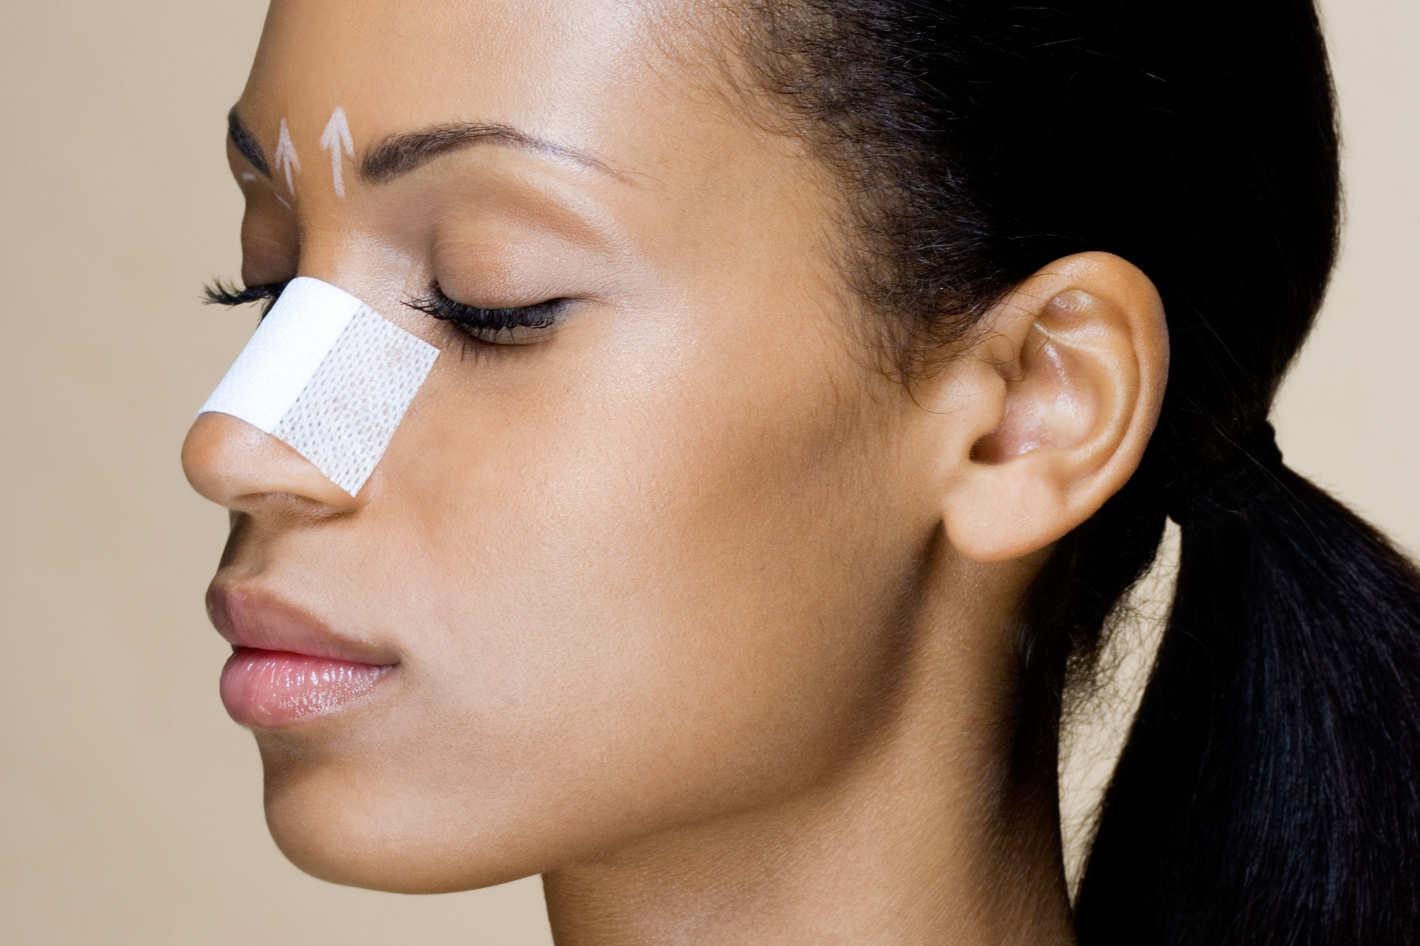 Риносептопластика – эффективная операция по исправлению формы носа и носовой перегородки